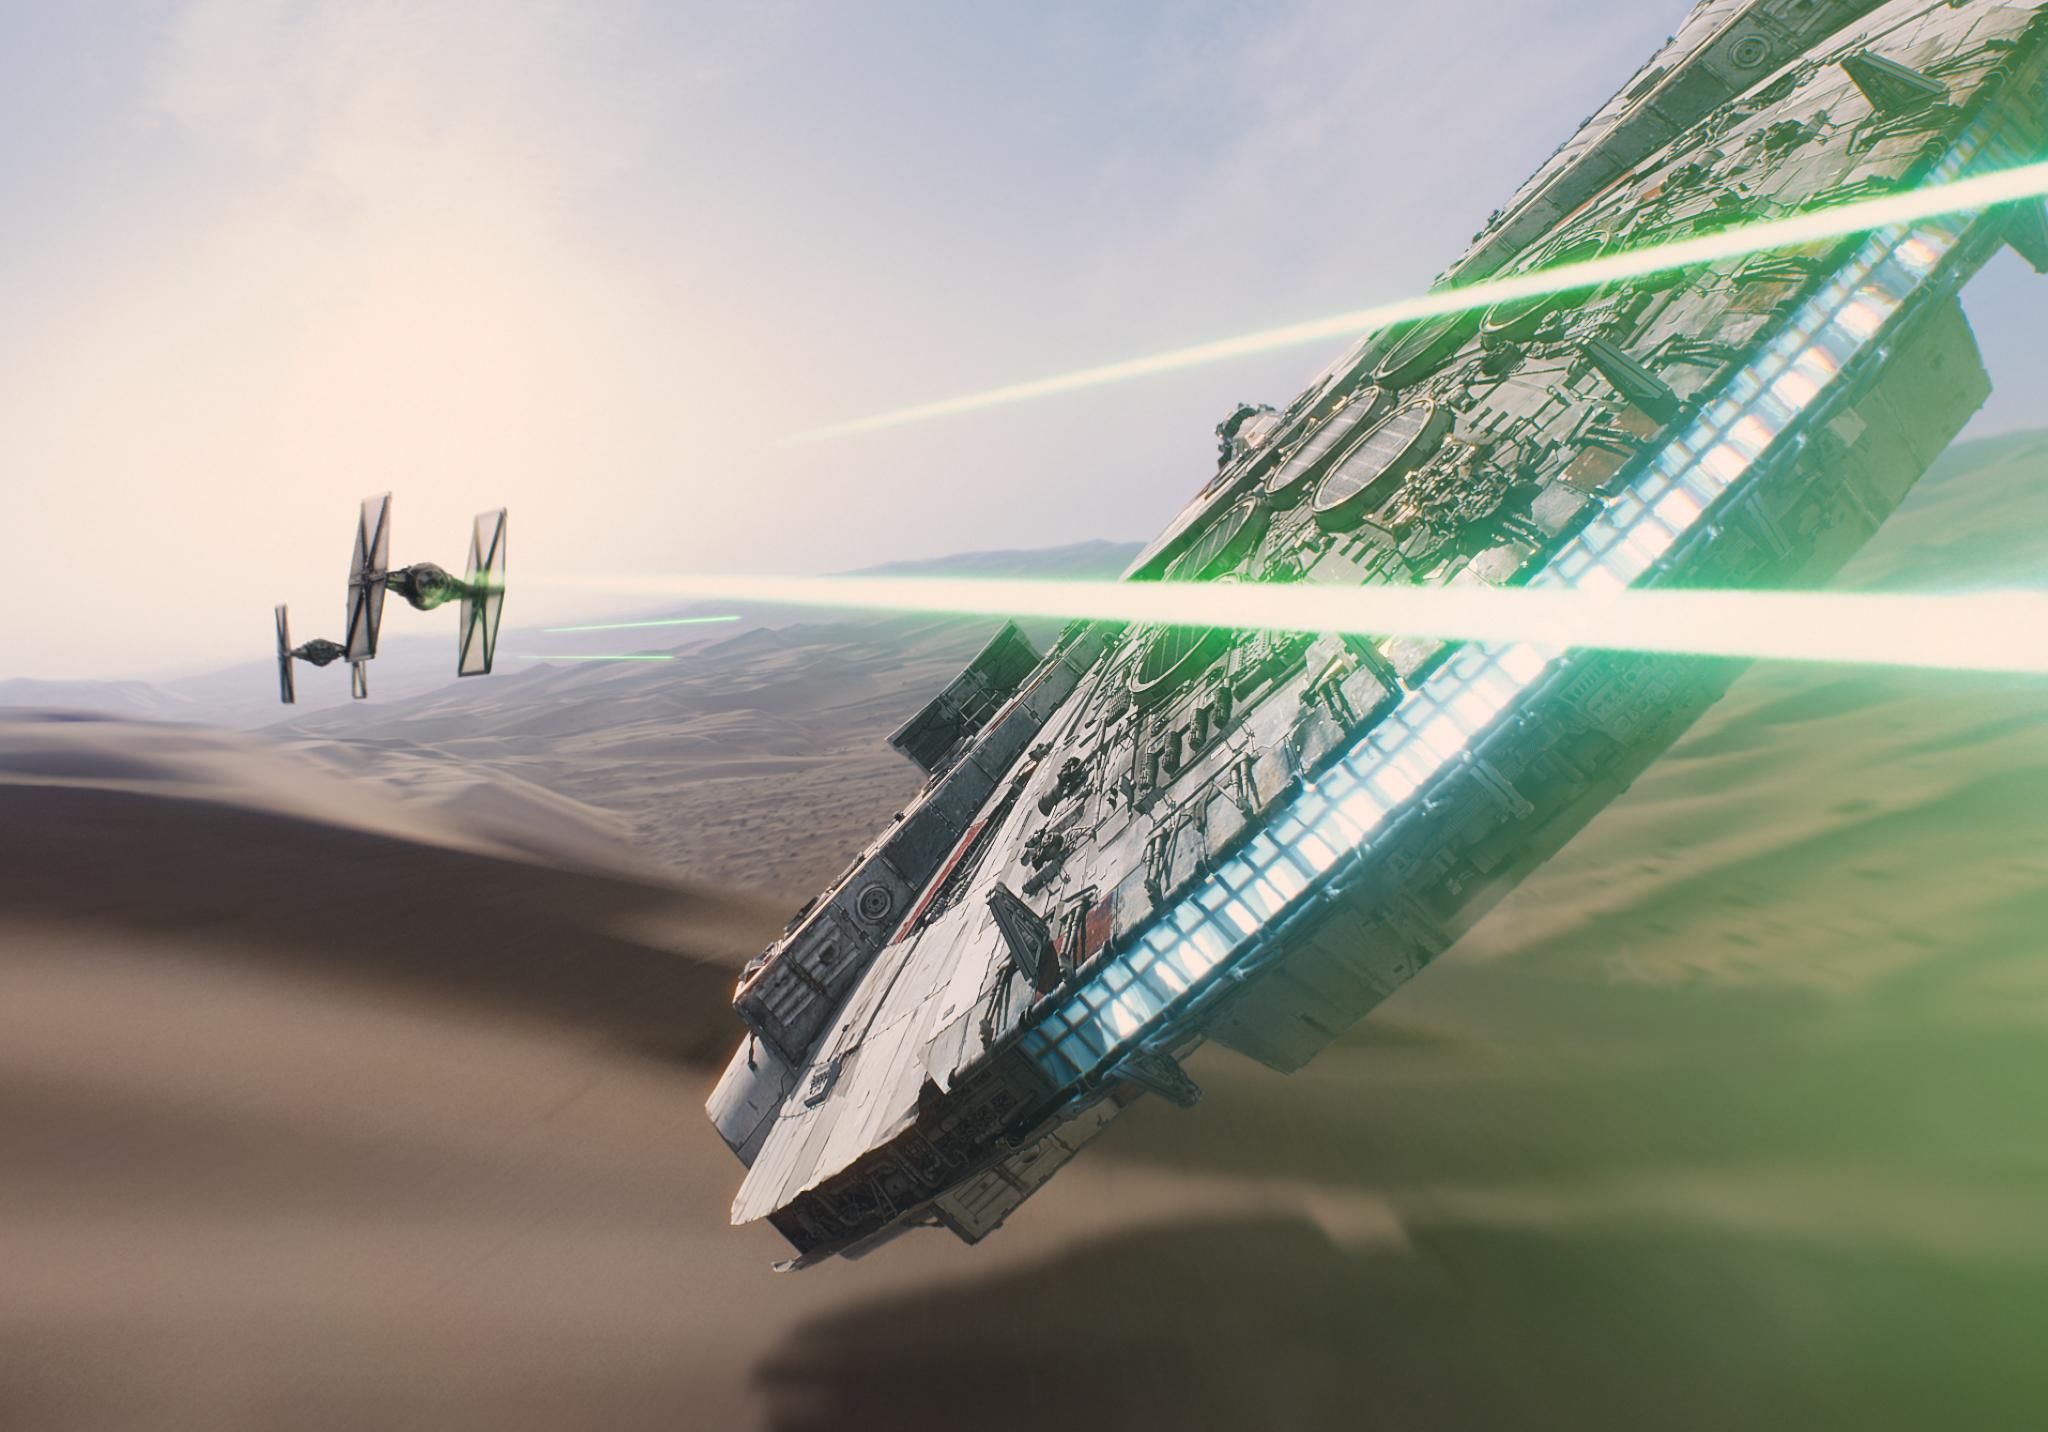 halcon milenario star wars despertar de la fuerza